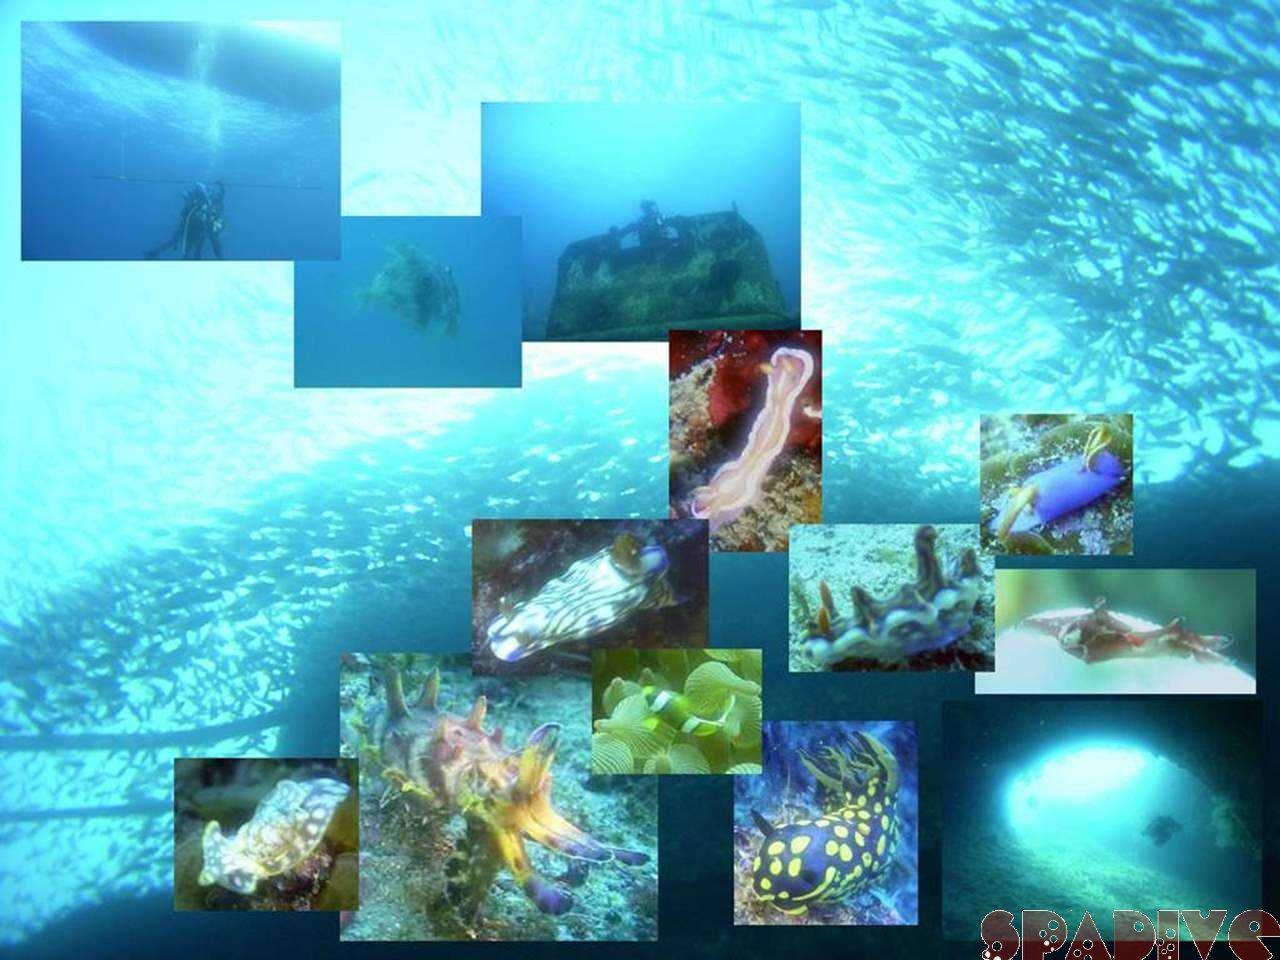 2006年初潜り|沈船&三段壁ボートファンダイビング|1/12白浜